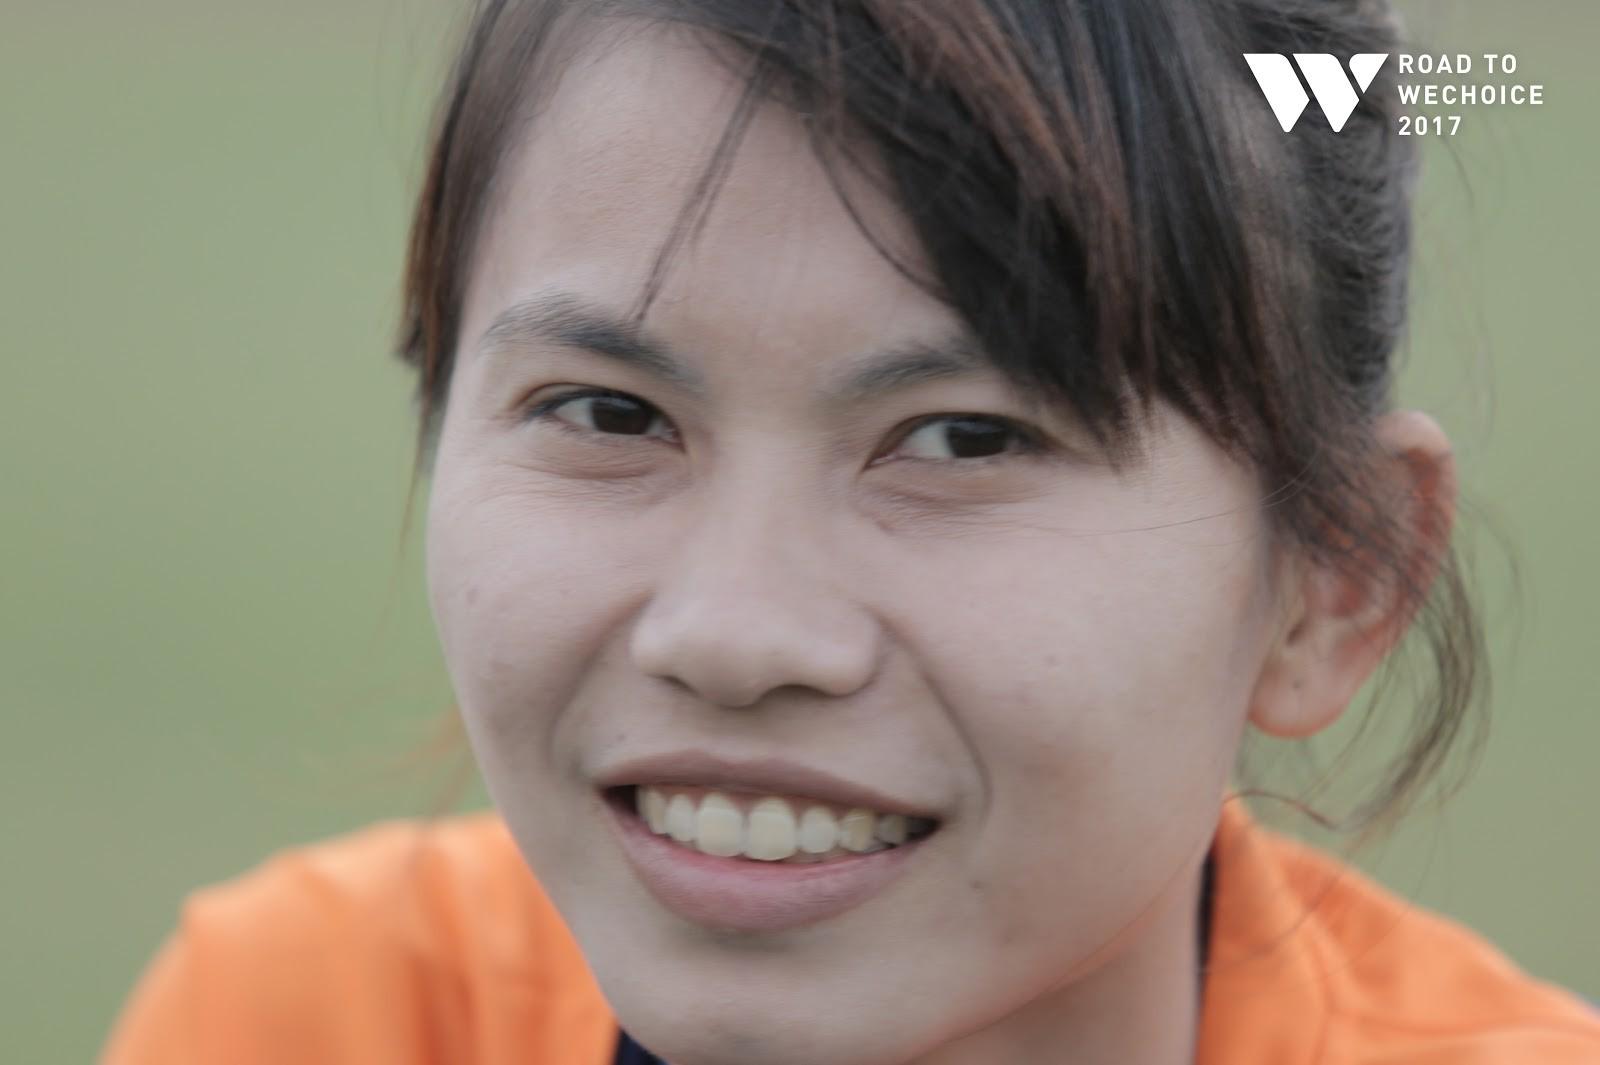 Nguyễn Thị Liễu: Hành trình vượt biến cố, trở thành người hùng cho bóng đá nữ - Ảnh 1.